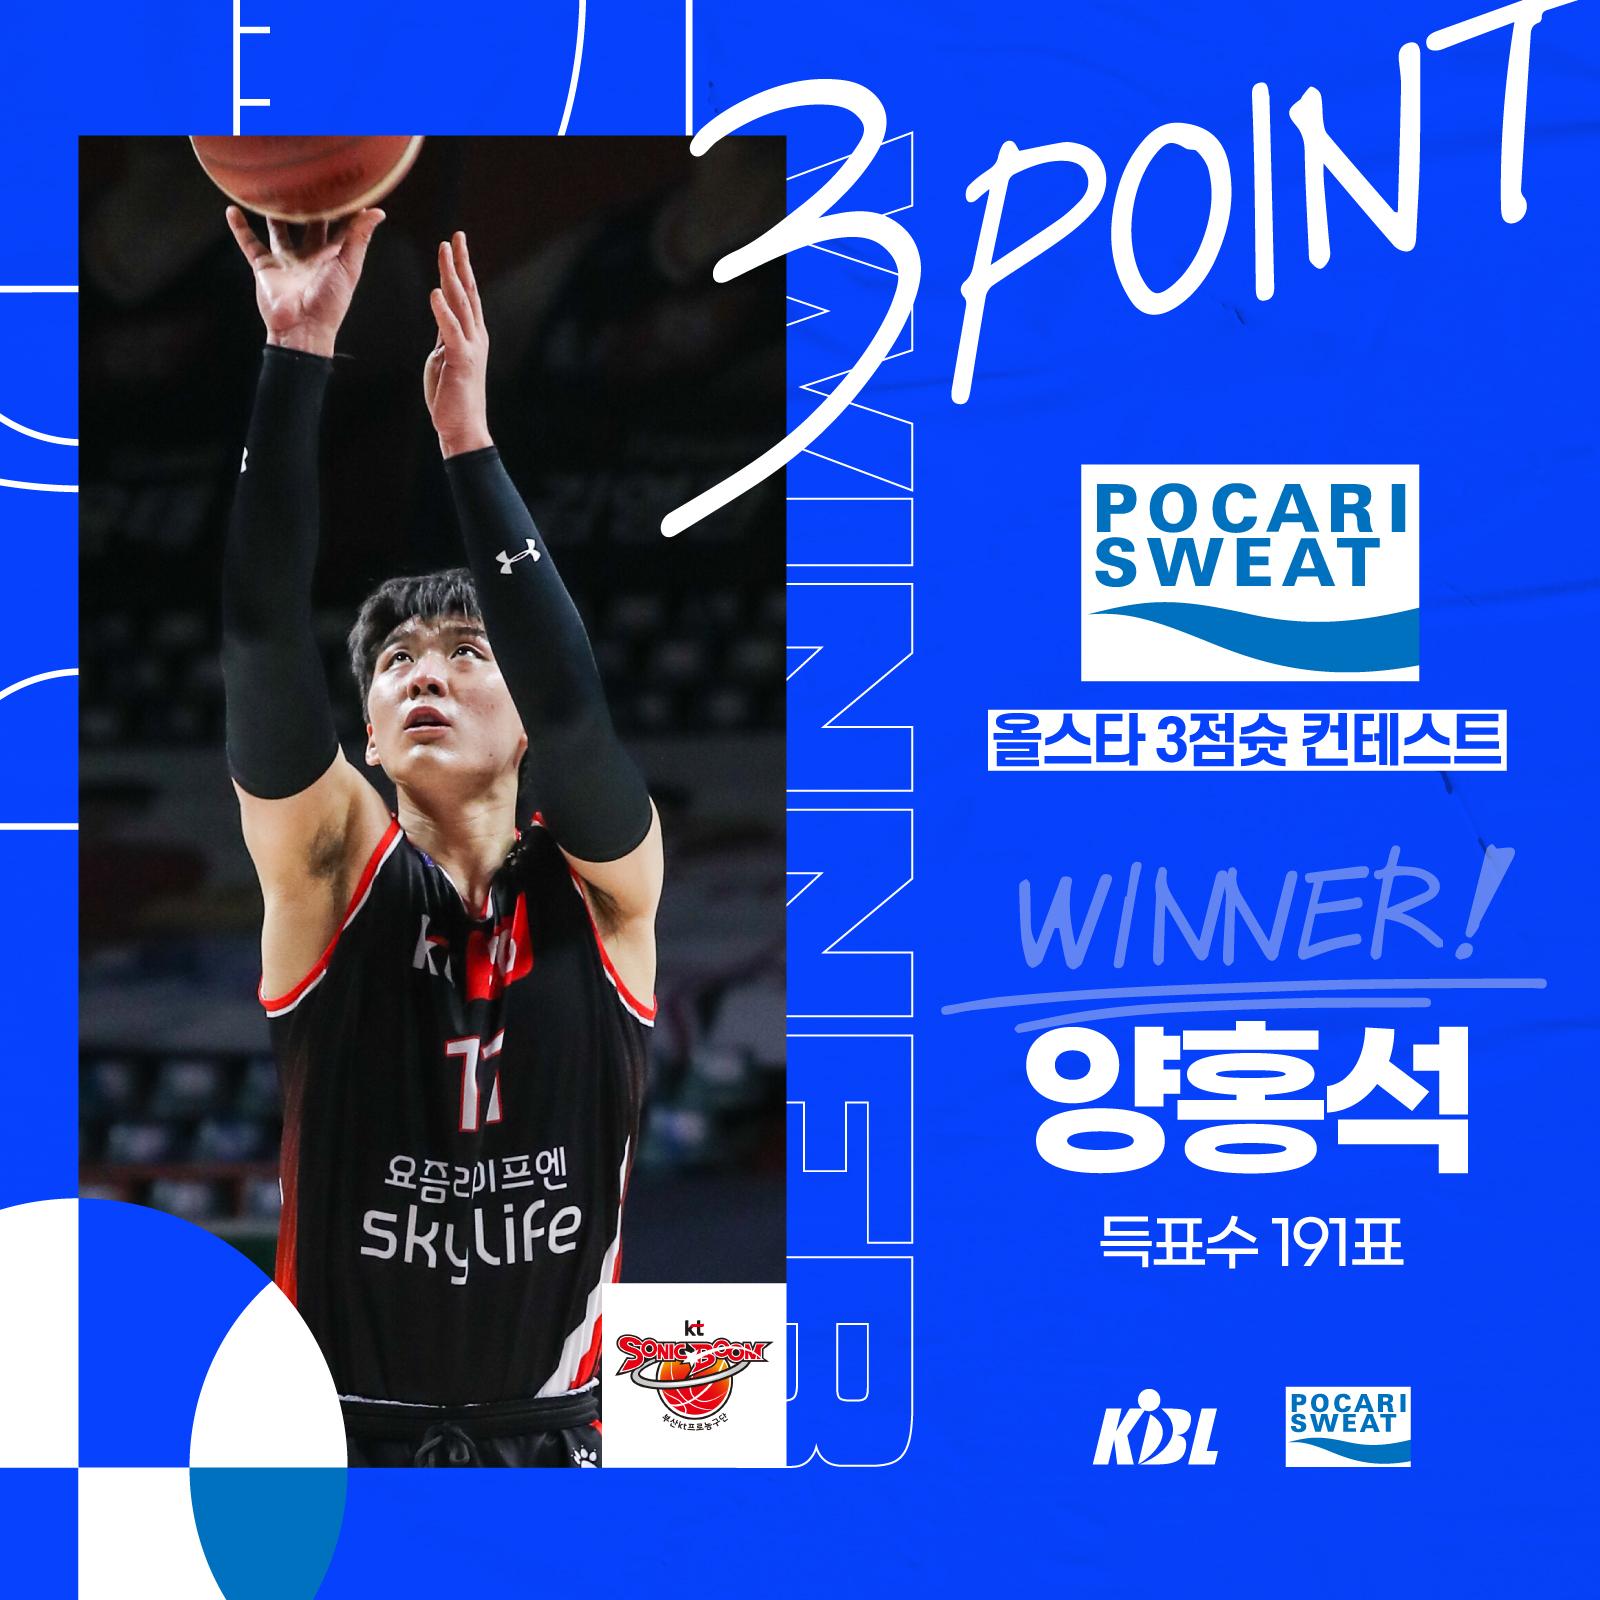 프로농구 올스타 3점슛 콘테스트 우승자 양홍석. [사진 KBL]